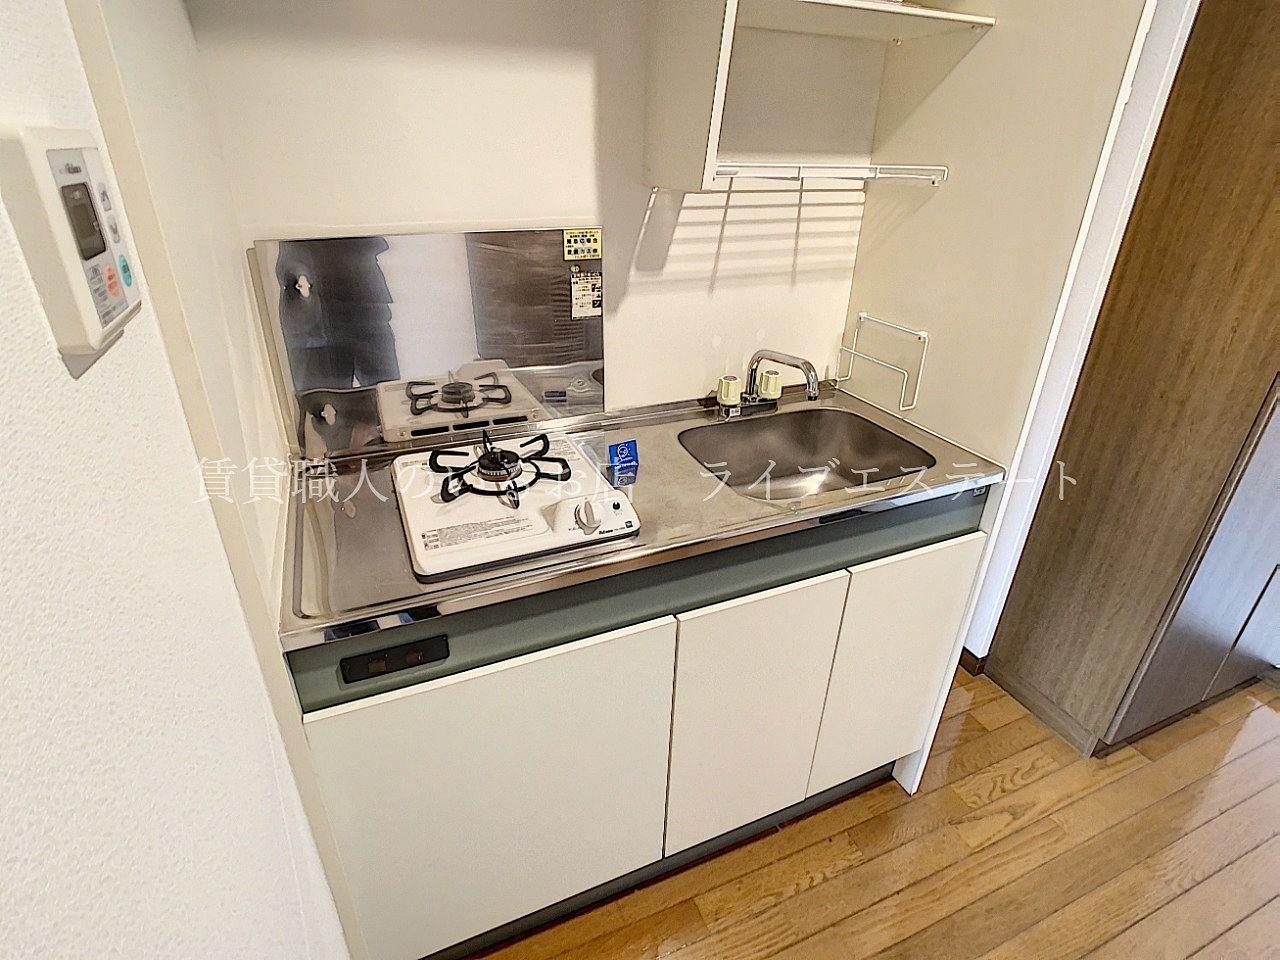 キッチン下は全部収納になっており、食器や調理器具がしまえます